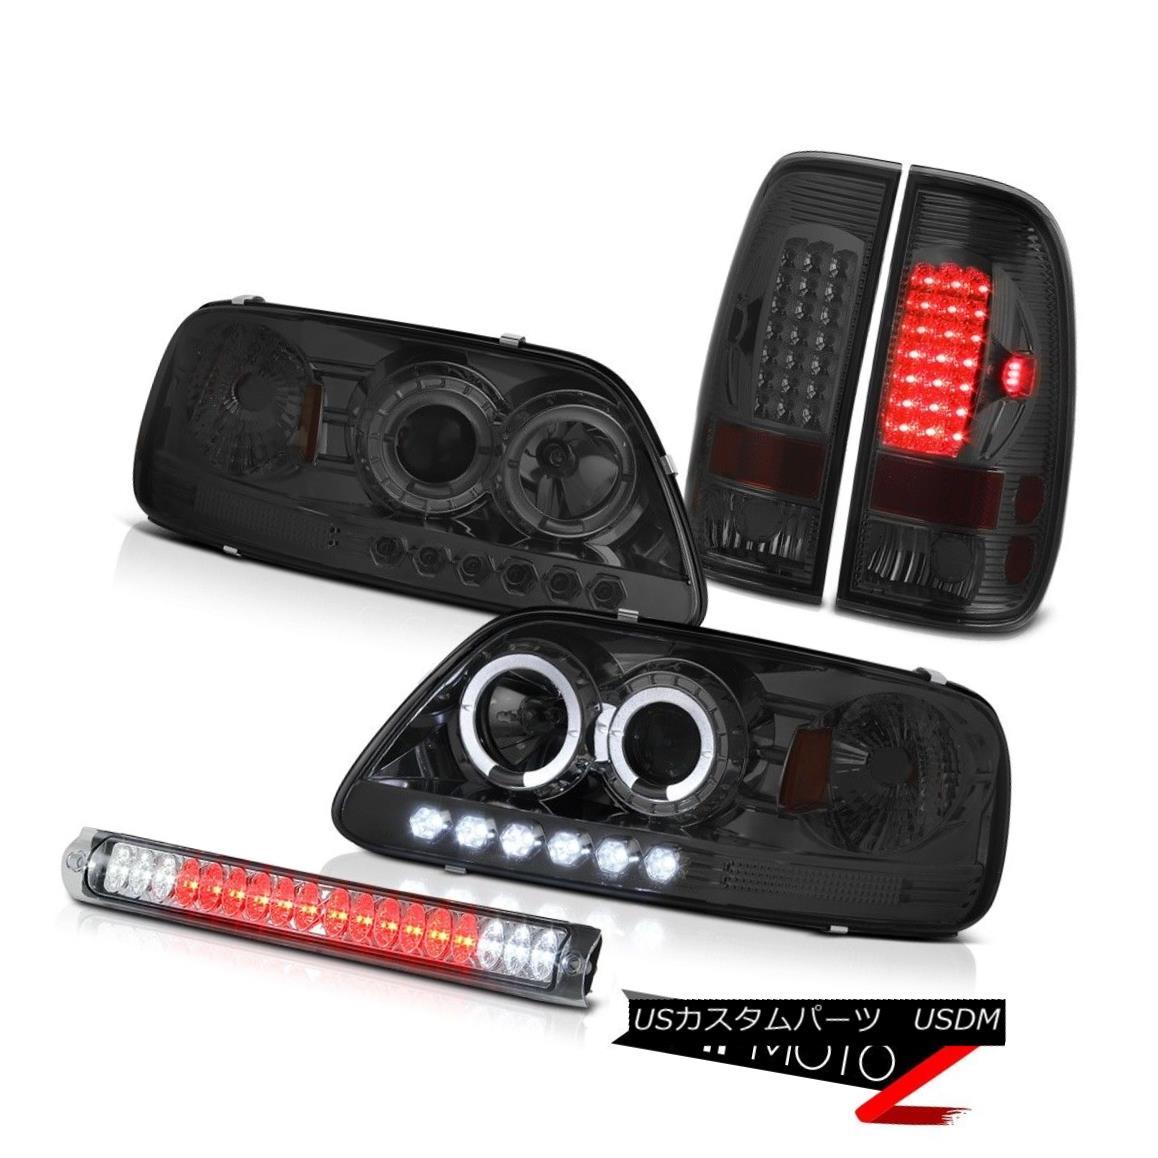 ヘッドライト Headlight Halo DRL LED Dark Brake Tail Lights Chrome Third 1997 1998 F150 Triton ヘッドライトHalo DRL LEDダークブレーキテールライトクロームThird 1997 1998 F150 Triton